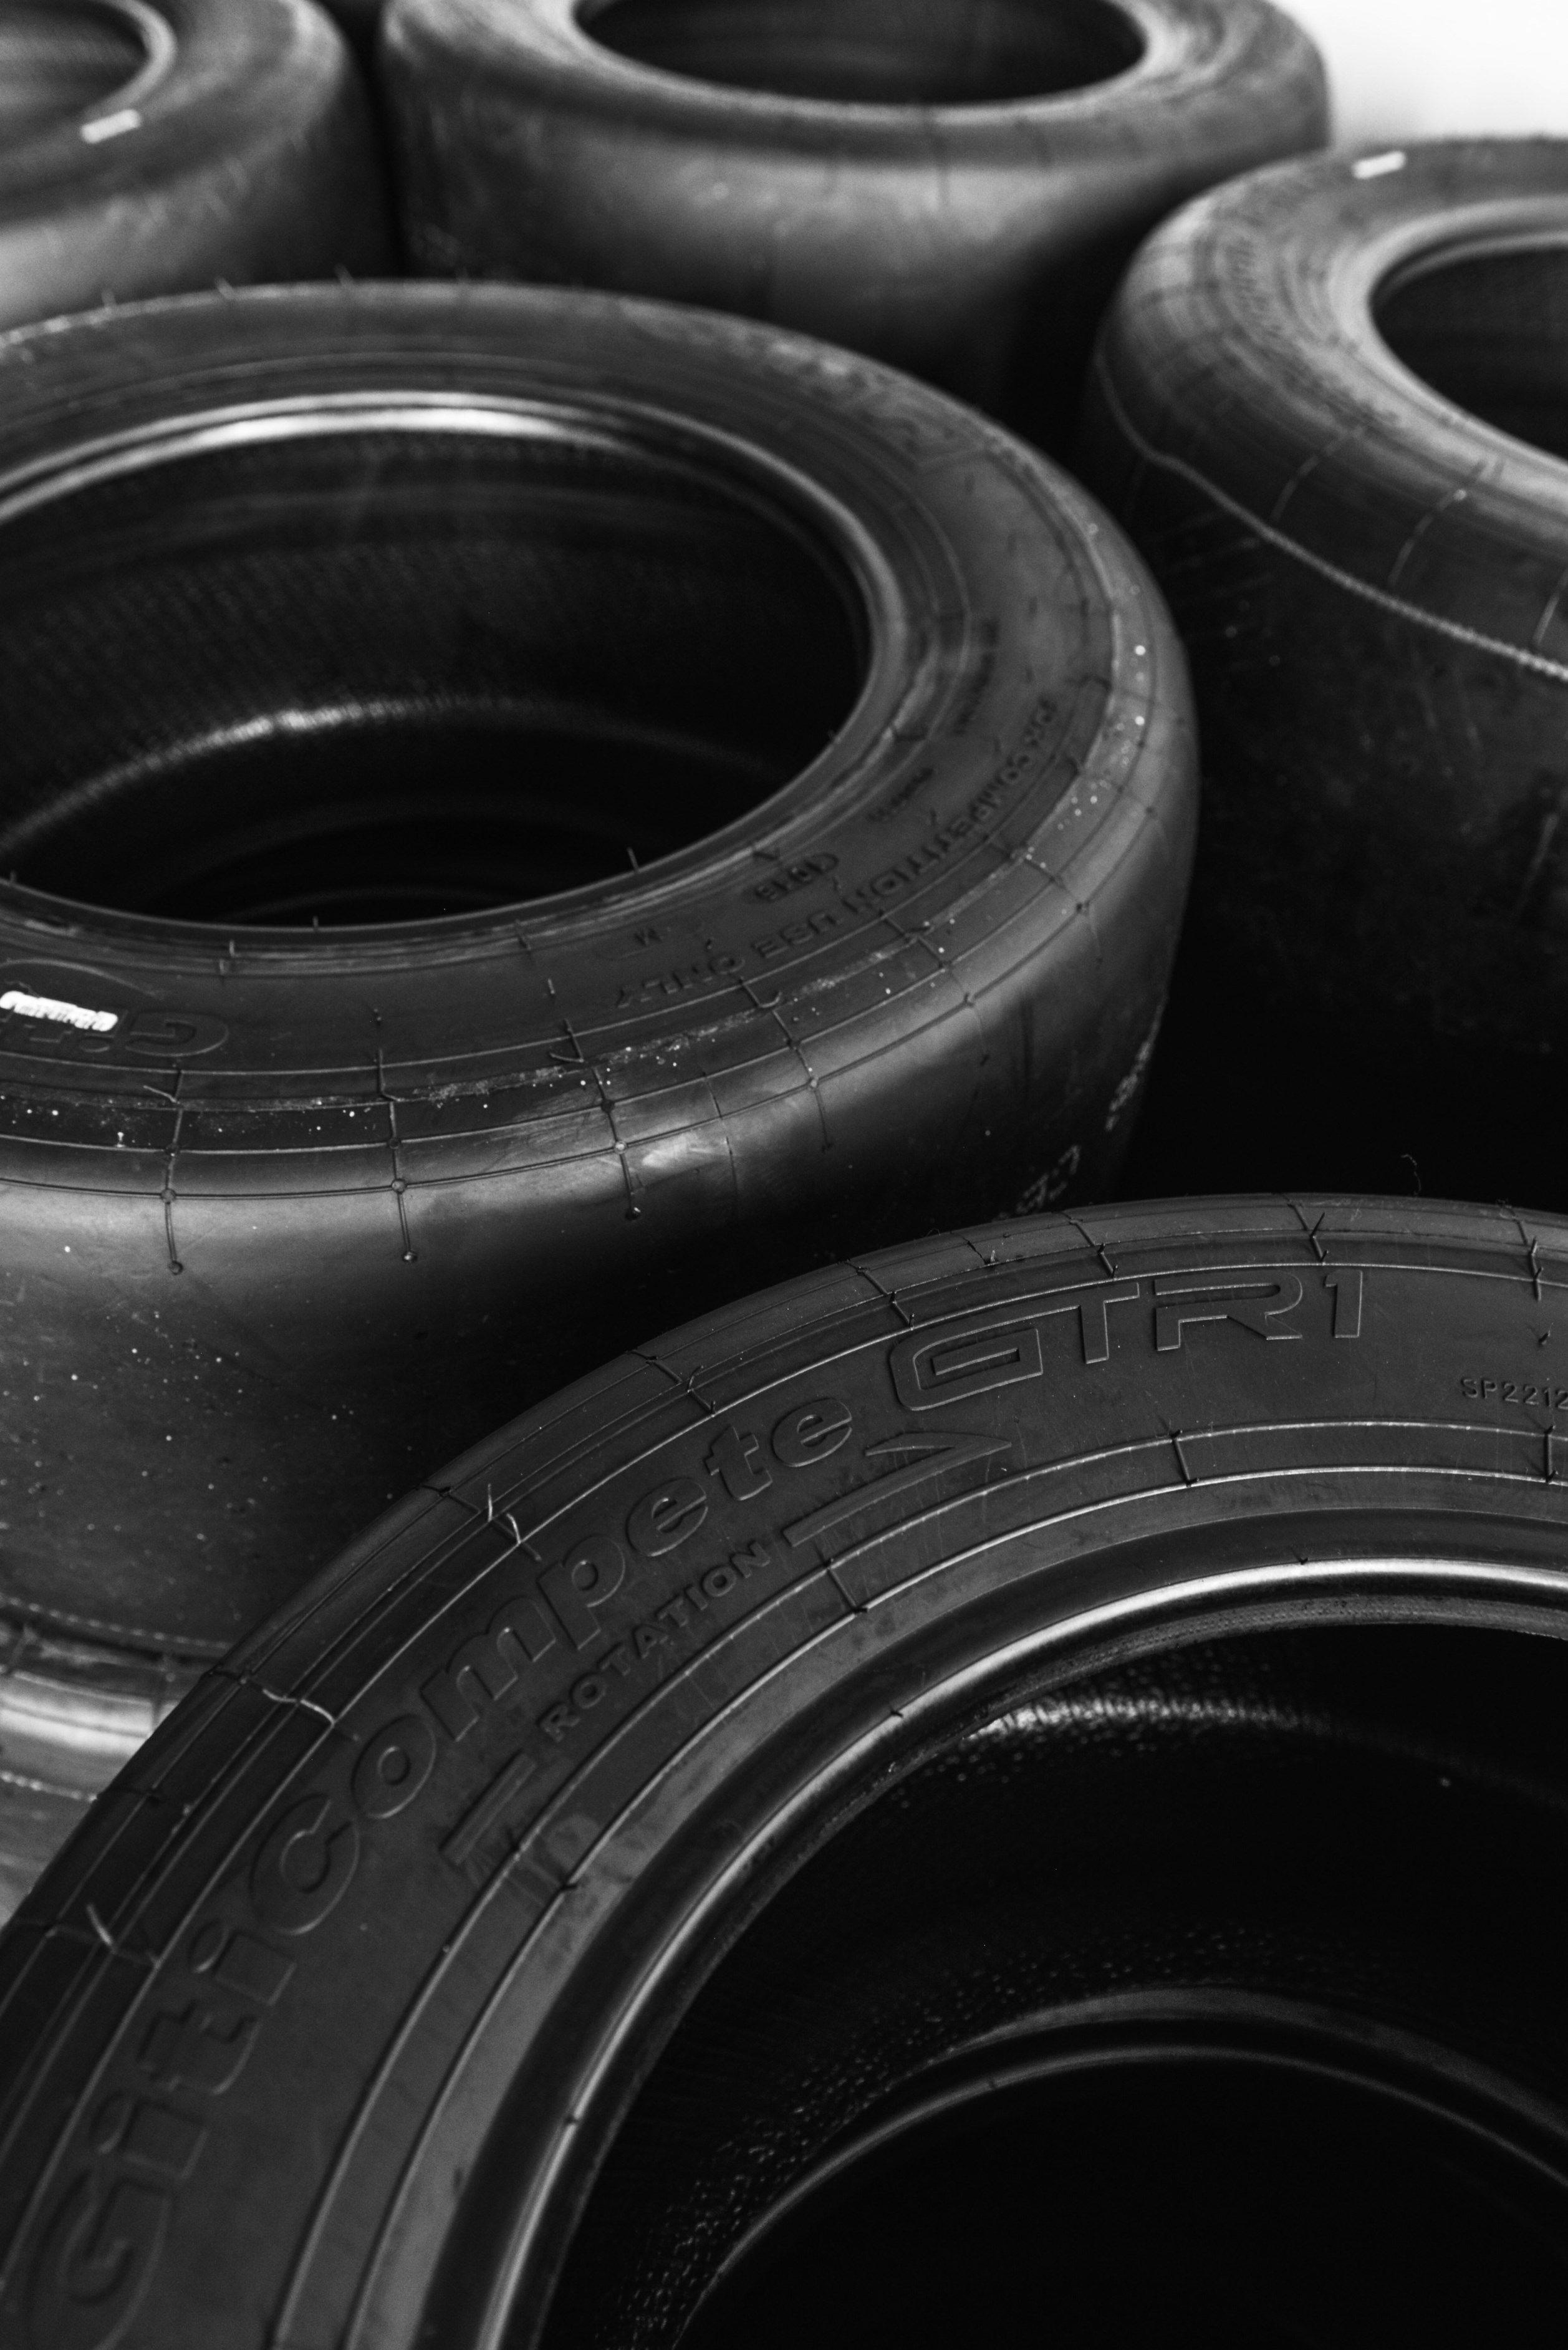 Foto de Neumático de Giti Tire para competición Giti Compete GTR1